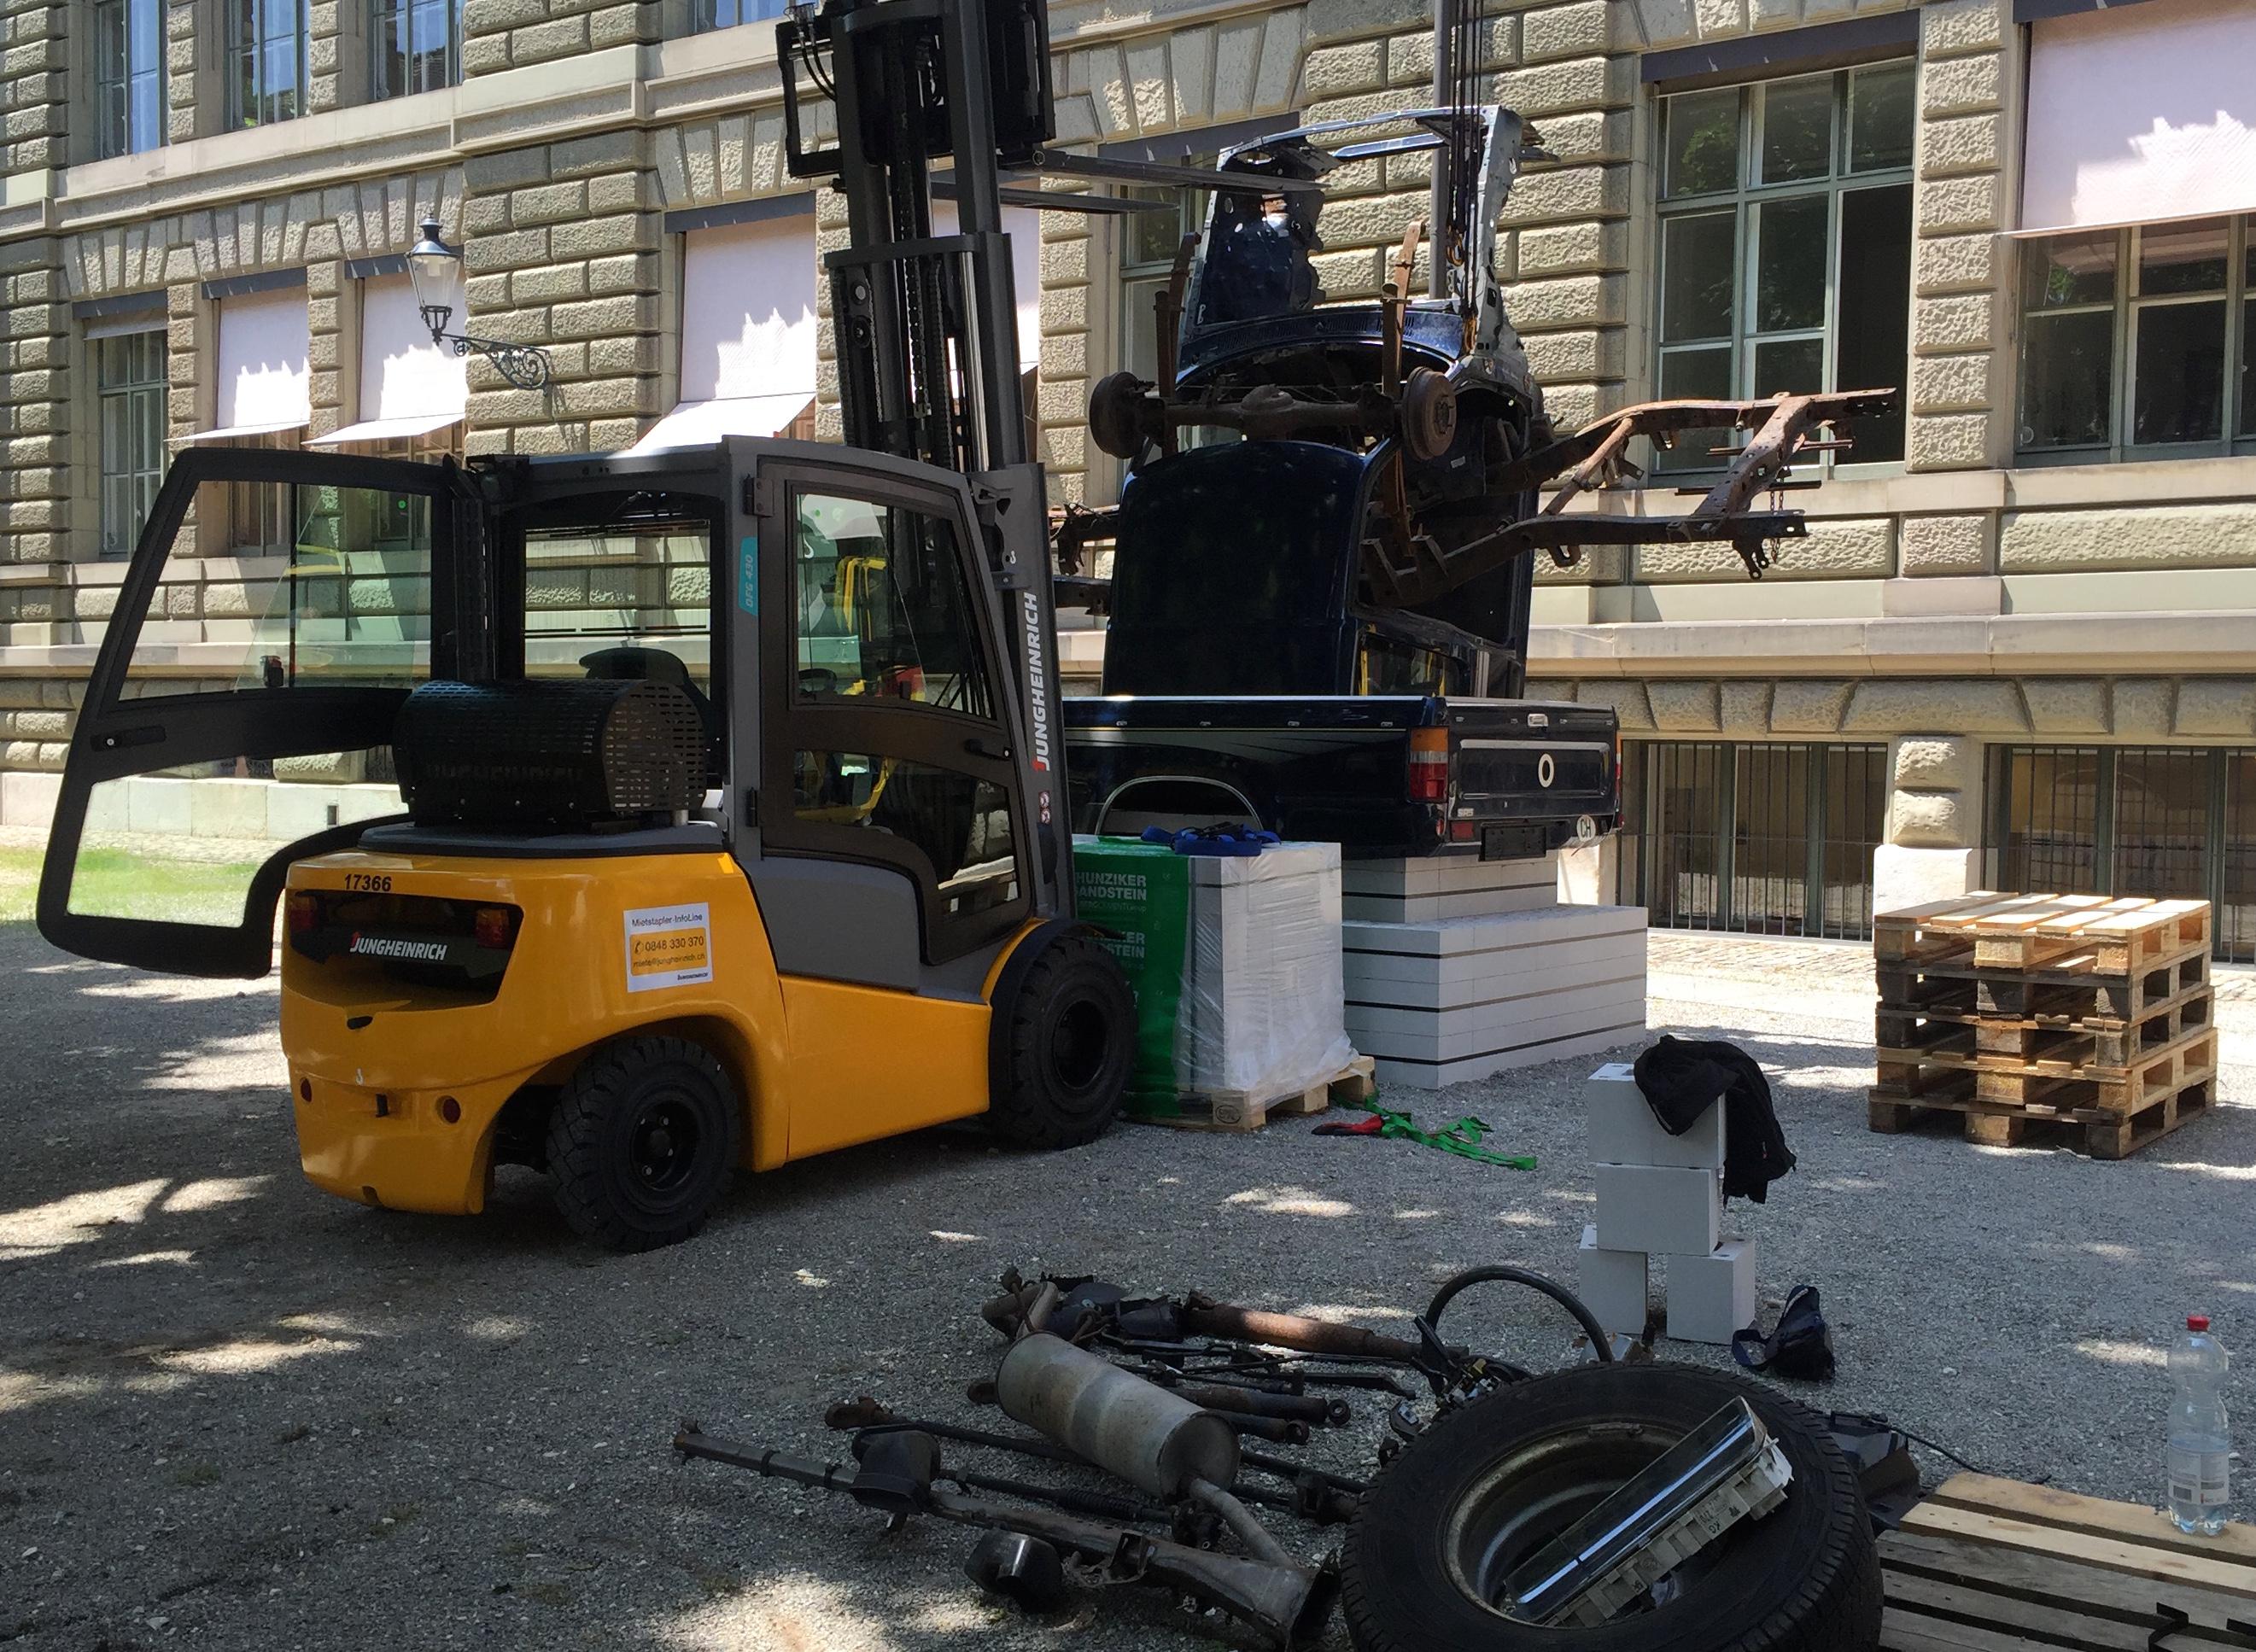 Virginia Overton installiert hinter dem Baudepartement ihre Arbeit: Ein auseinandergenommener Pickup wird neu zusammengesetzt – hier noch in der Entstehung.